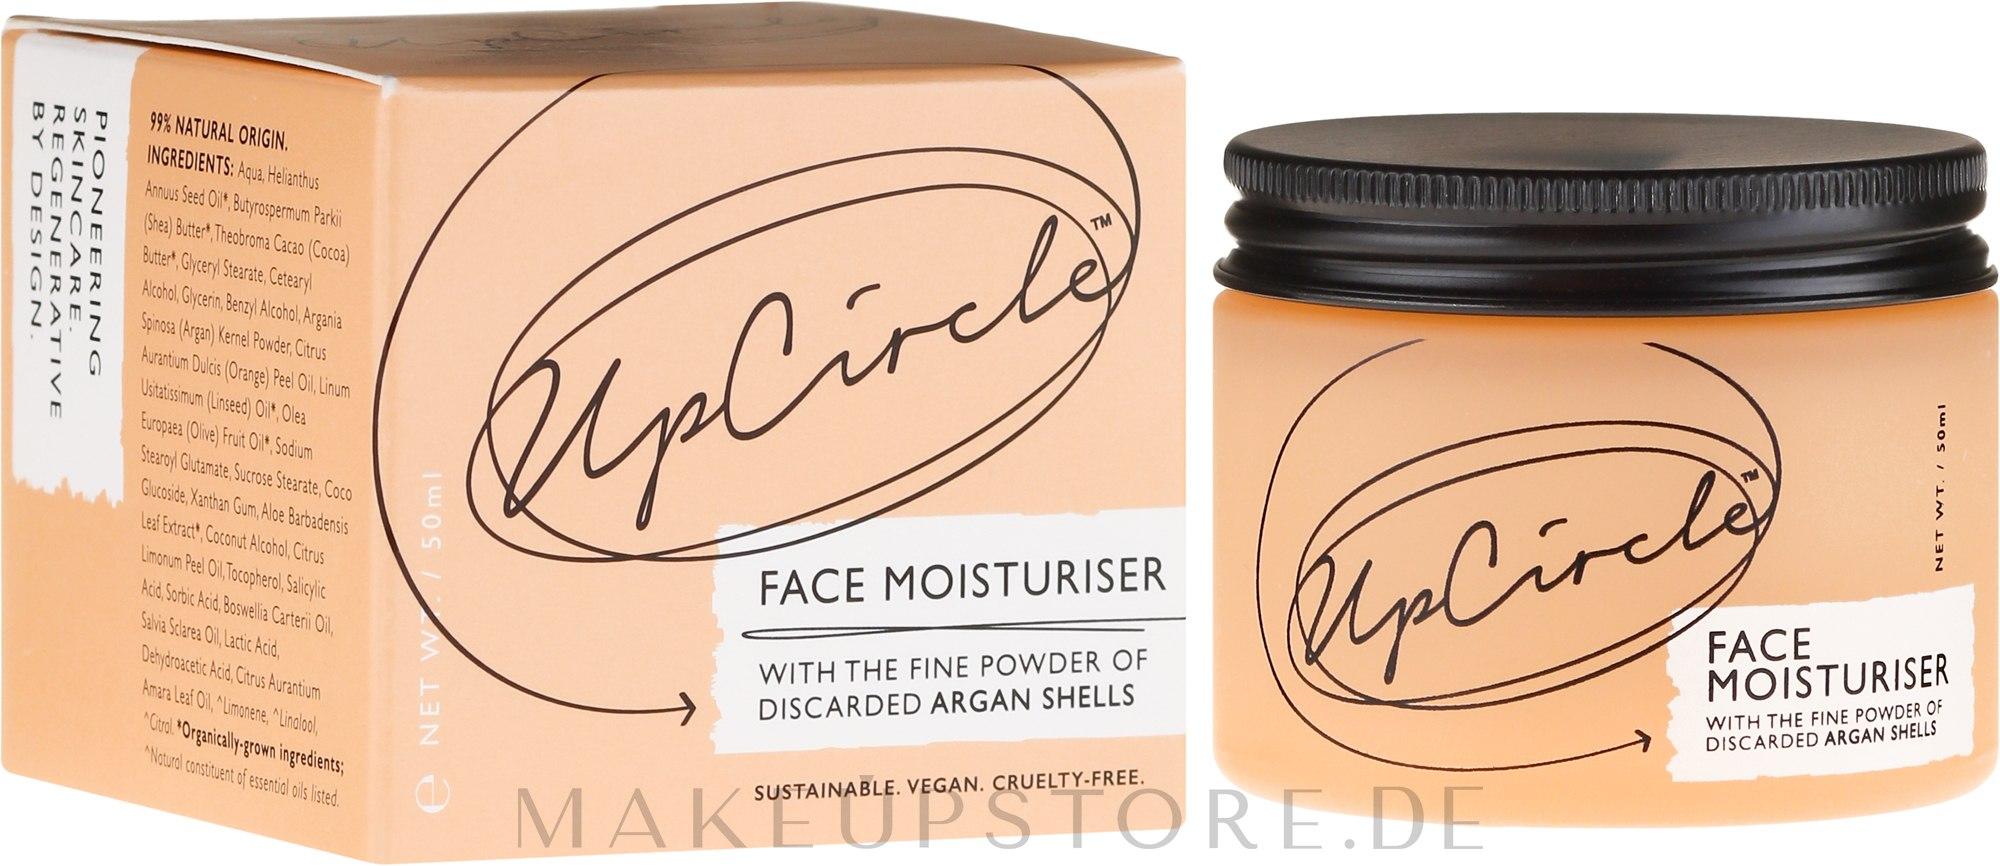 Feuchtigkeitsspendende Gesichtscreme mit Argan-Schalenpulver - UpCircle Face Moisturiser With Argan Powder — Bild 50 ml